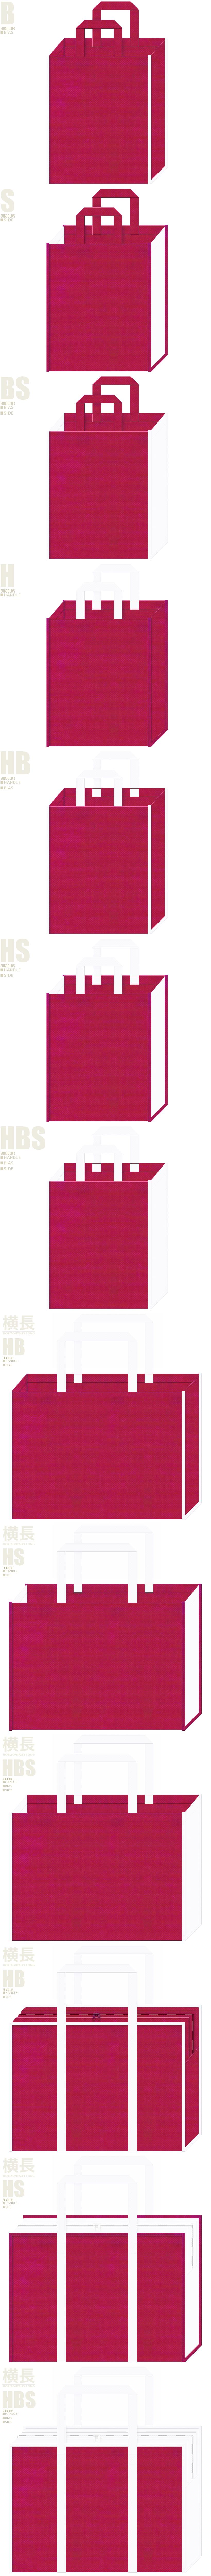 濃いピンク色と白色、7パターンの不織布トートバッグ配色デザイン例。結婚式打ち合わせ資料・婚礼アルバム用のバッグにお奨めです。救急用品にも。